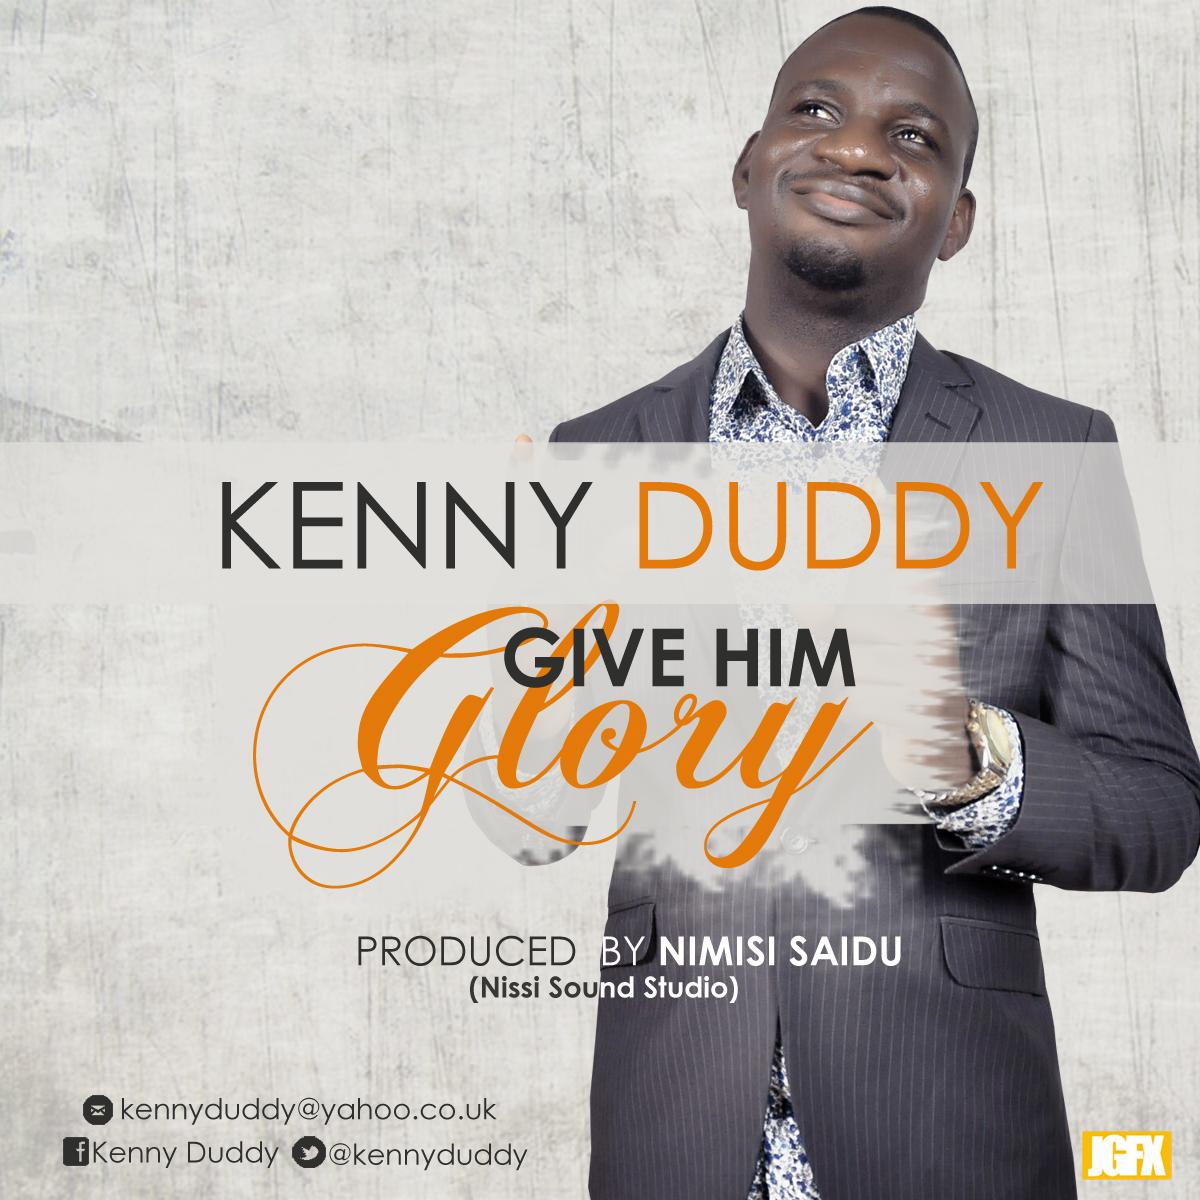 GIVE HIM GLORY - Kenny Duddy [@KennyDuddy]